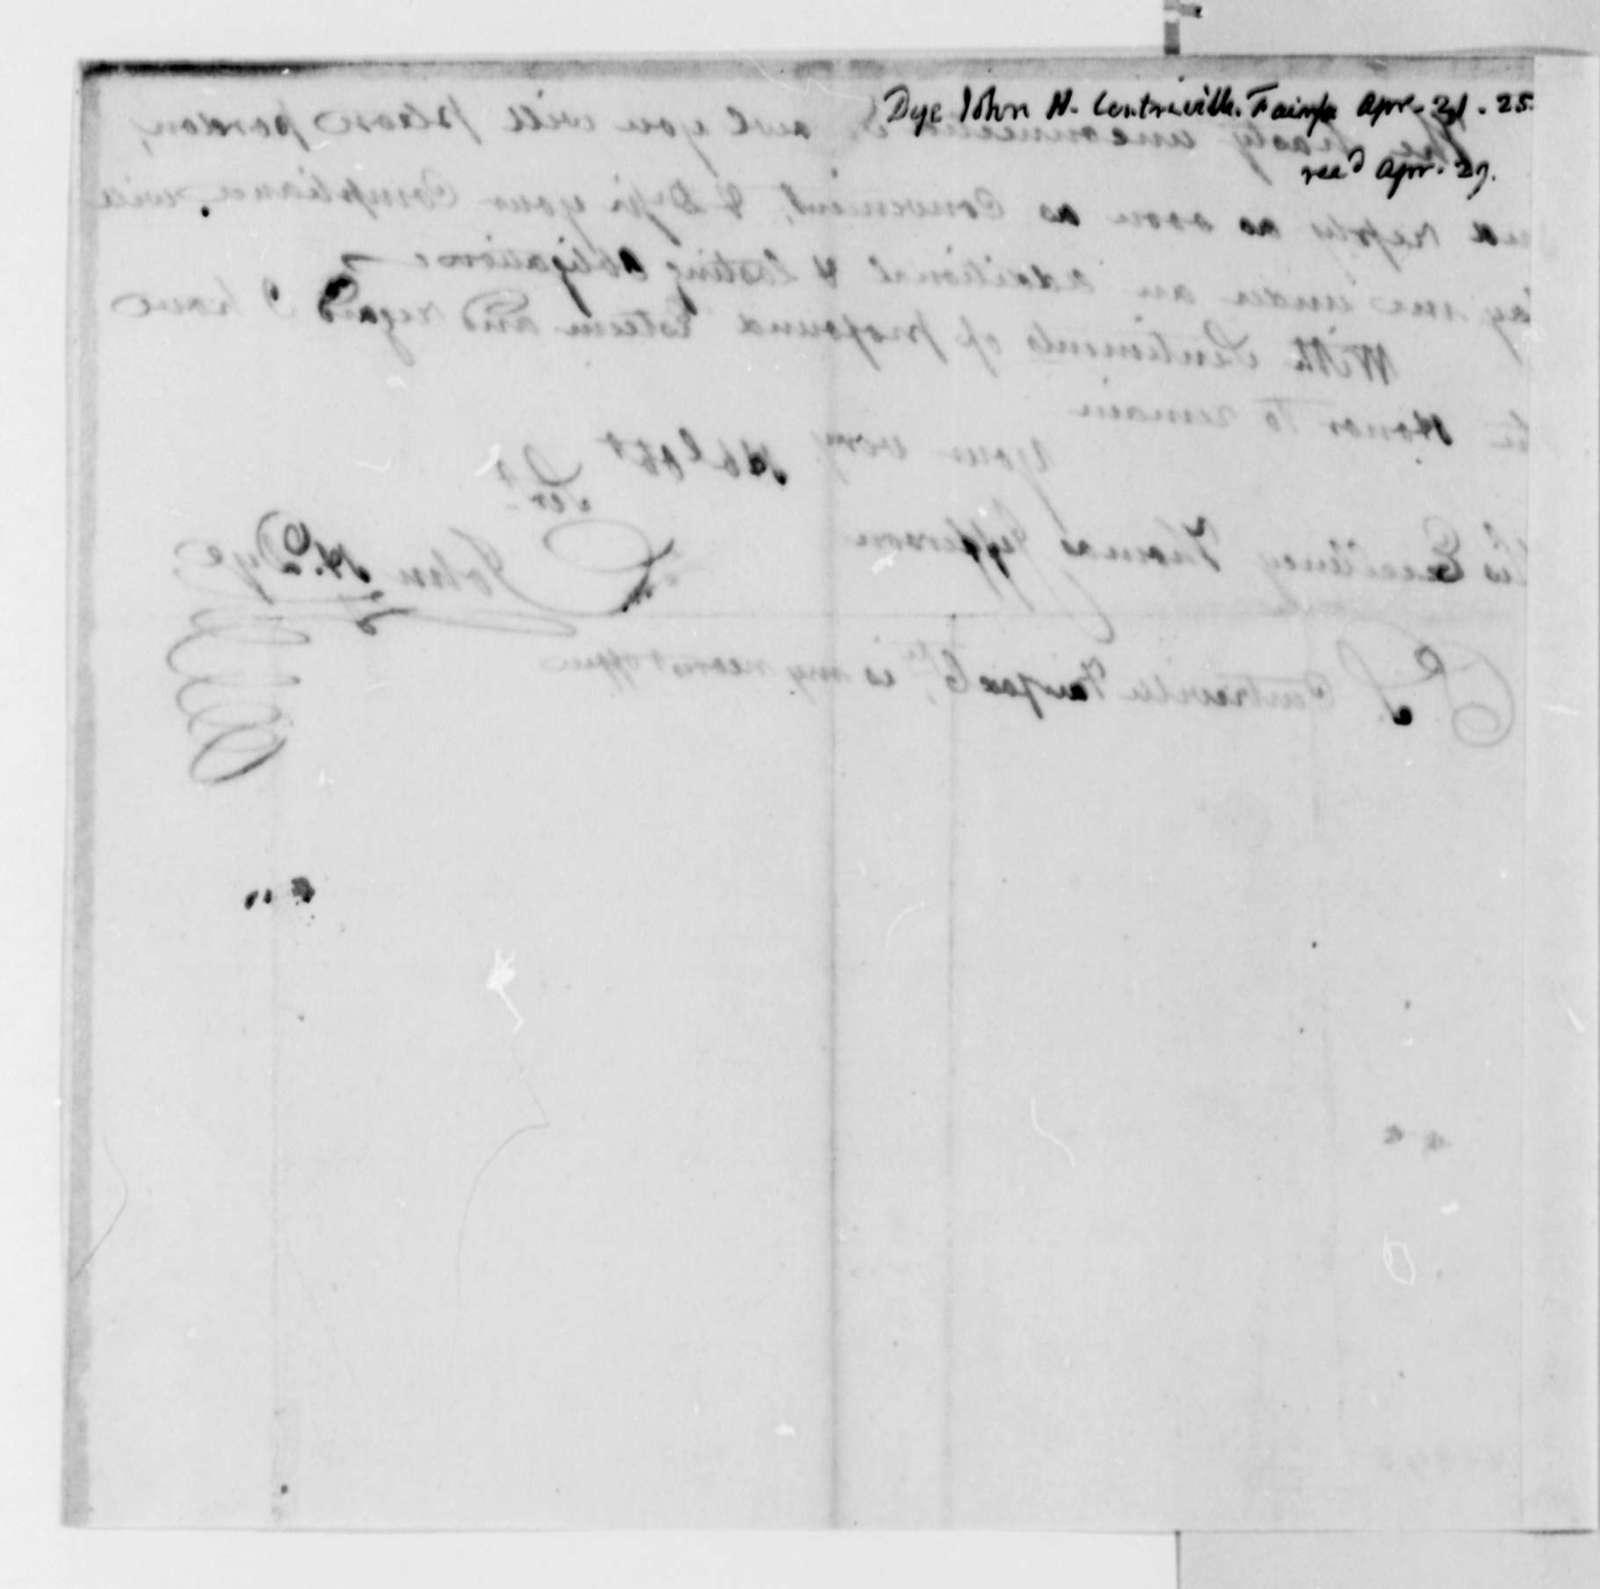 John M. Dye to Thomas Jefferson, April 21, 1825